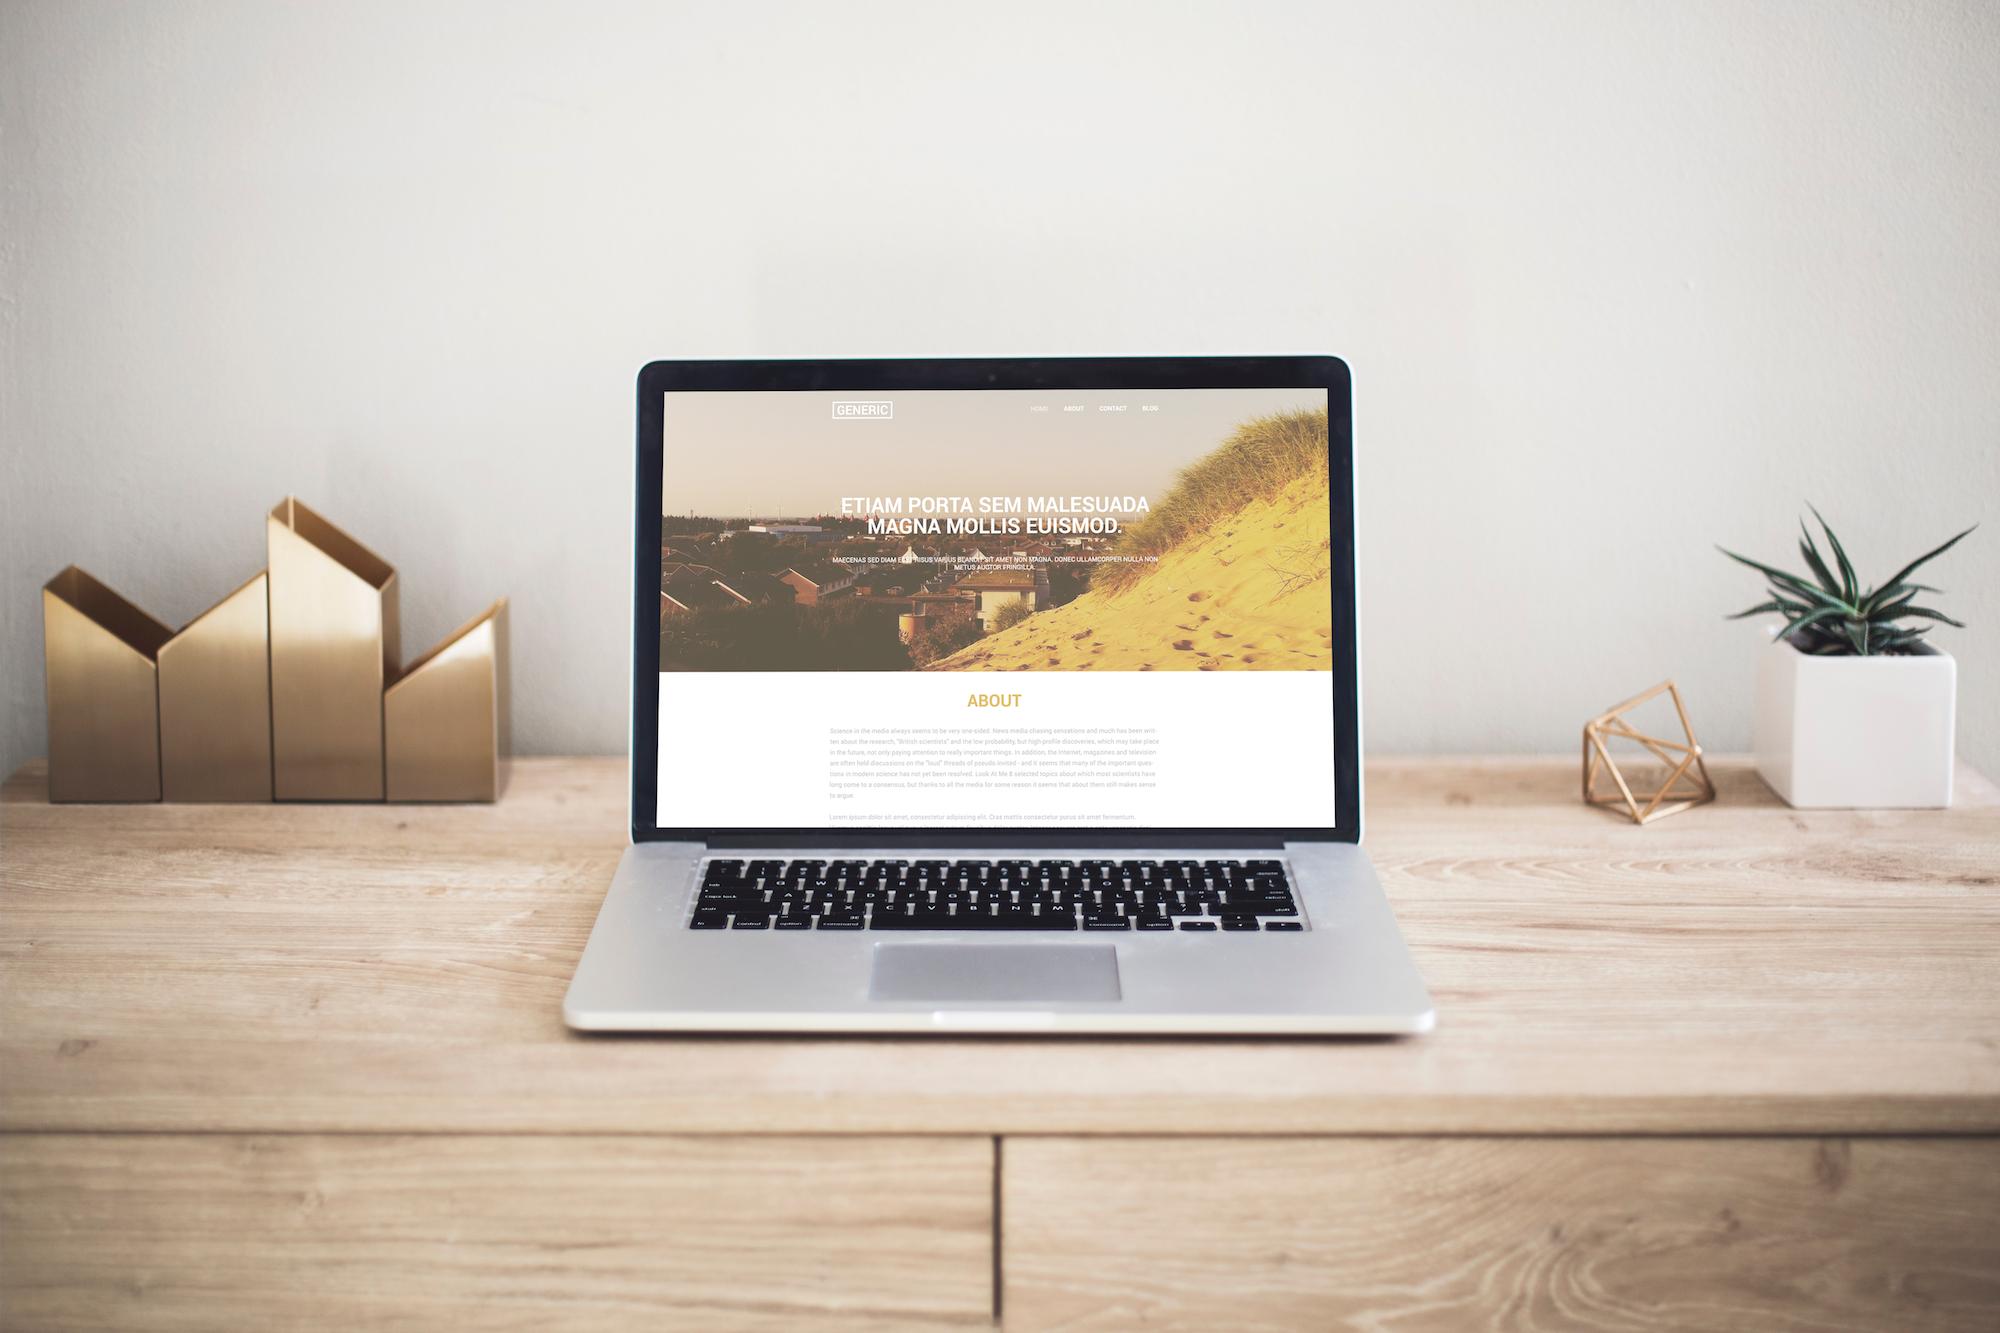 Generic website template on macbook